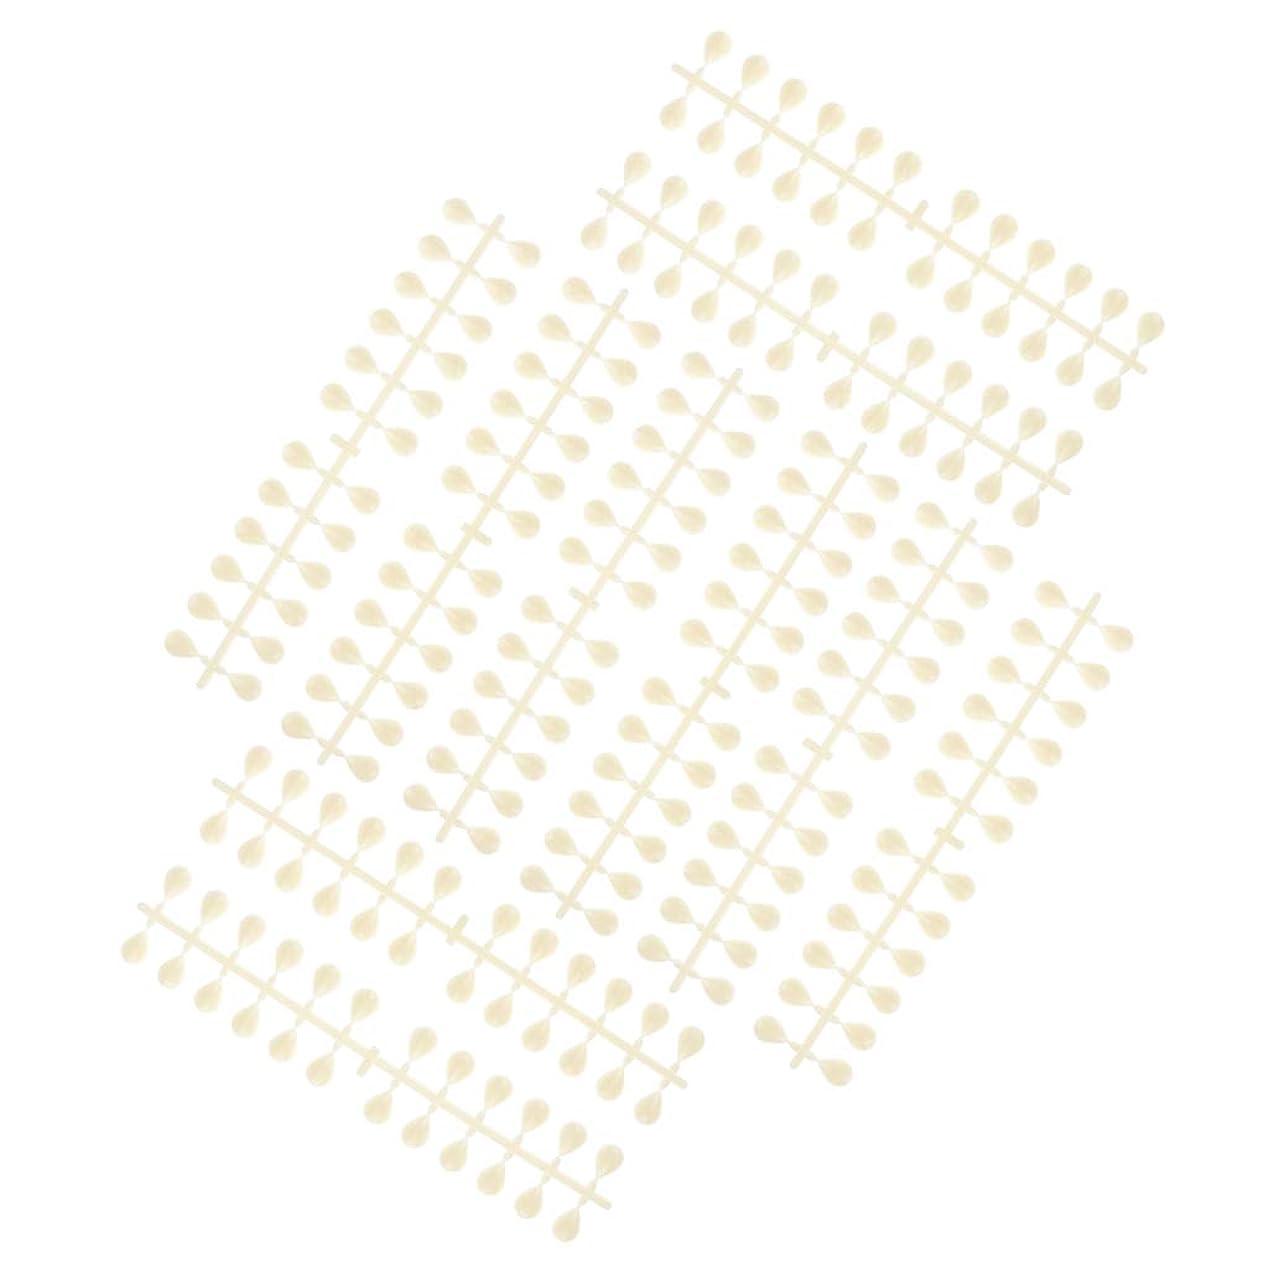 革命取り付け気分が悪いDYNWAVE ネイルのヒントスティック再利用可能なマニキュアサロンネイルアートディスプレイカラーカード - 水滴